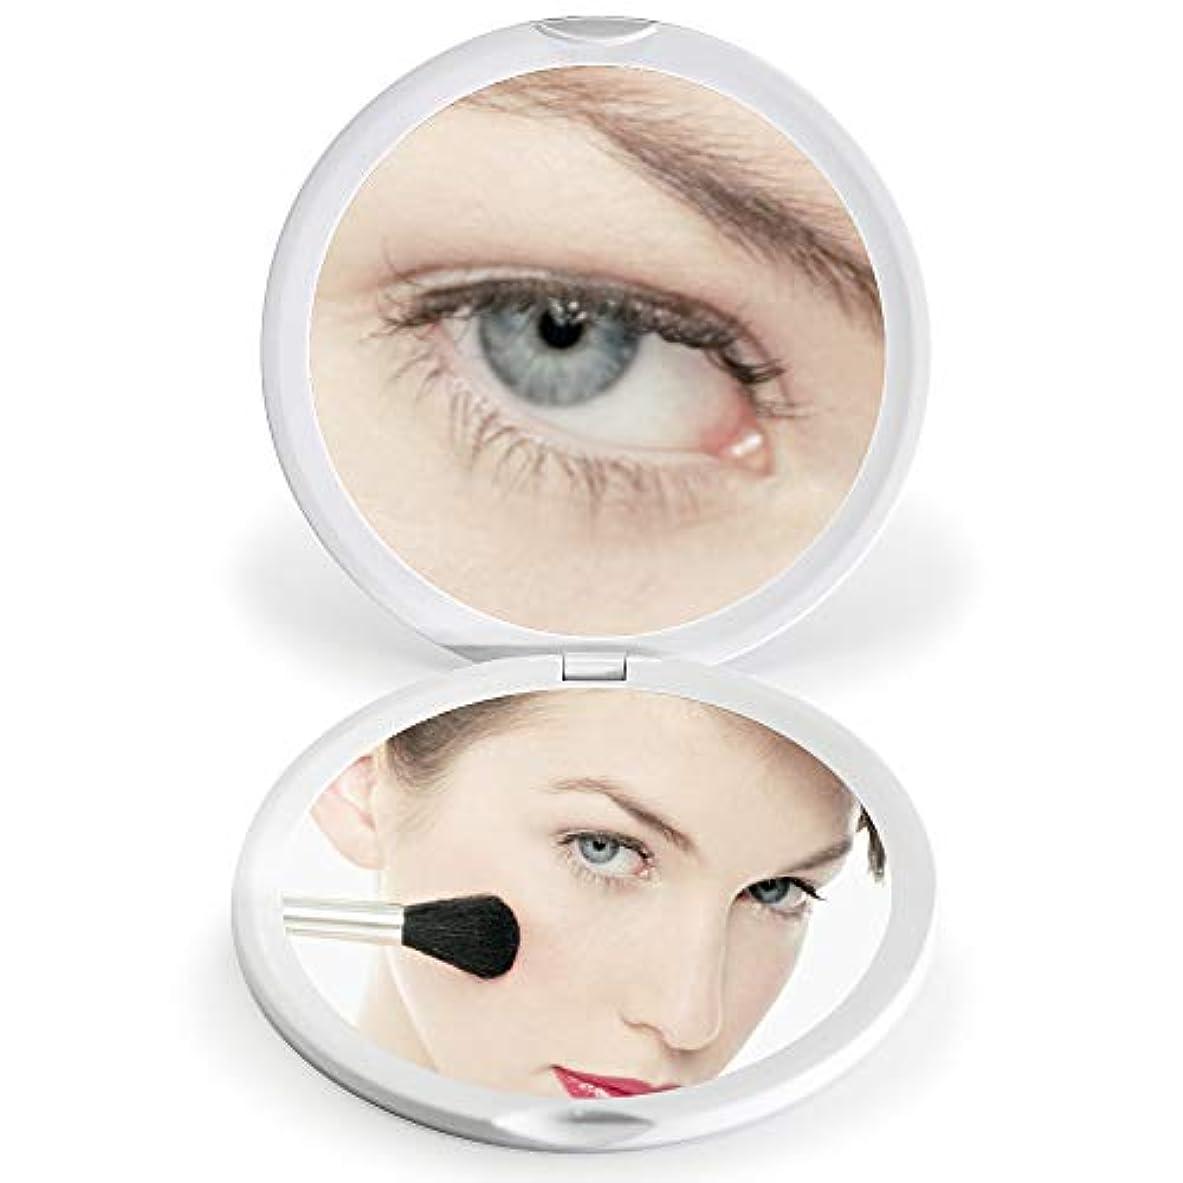 自動的に免除沿ってFASCINATE 化粧鏡 化粧ミラー 鏡 女優ミラー 拡大鏡 10倍 明るさ調節可能 電池給電 (ホワイト)